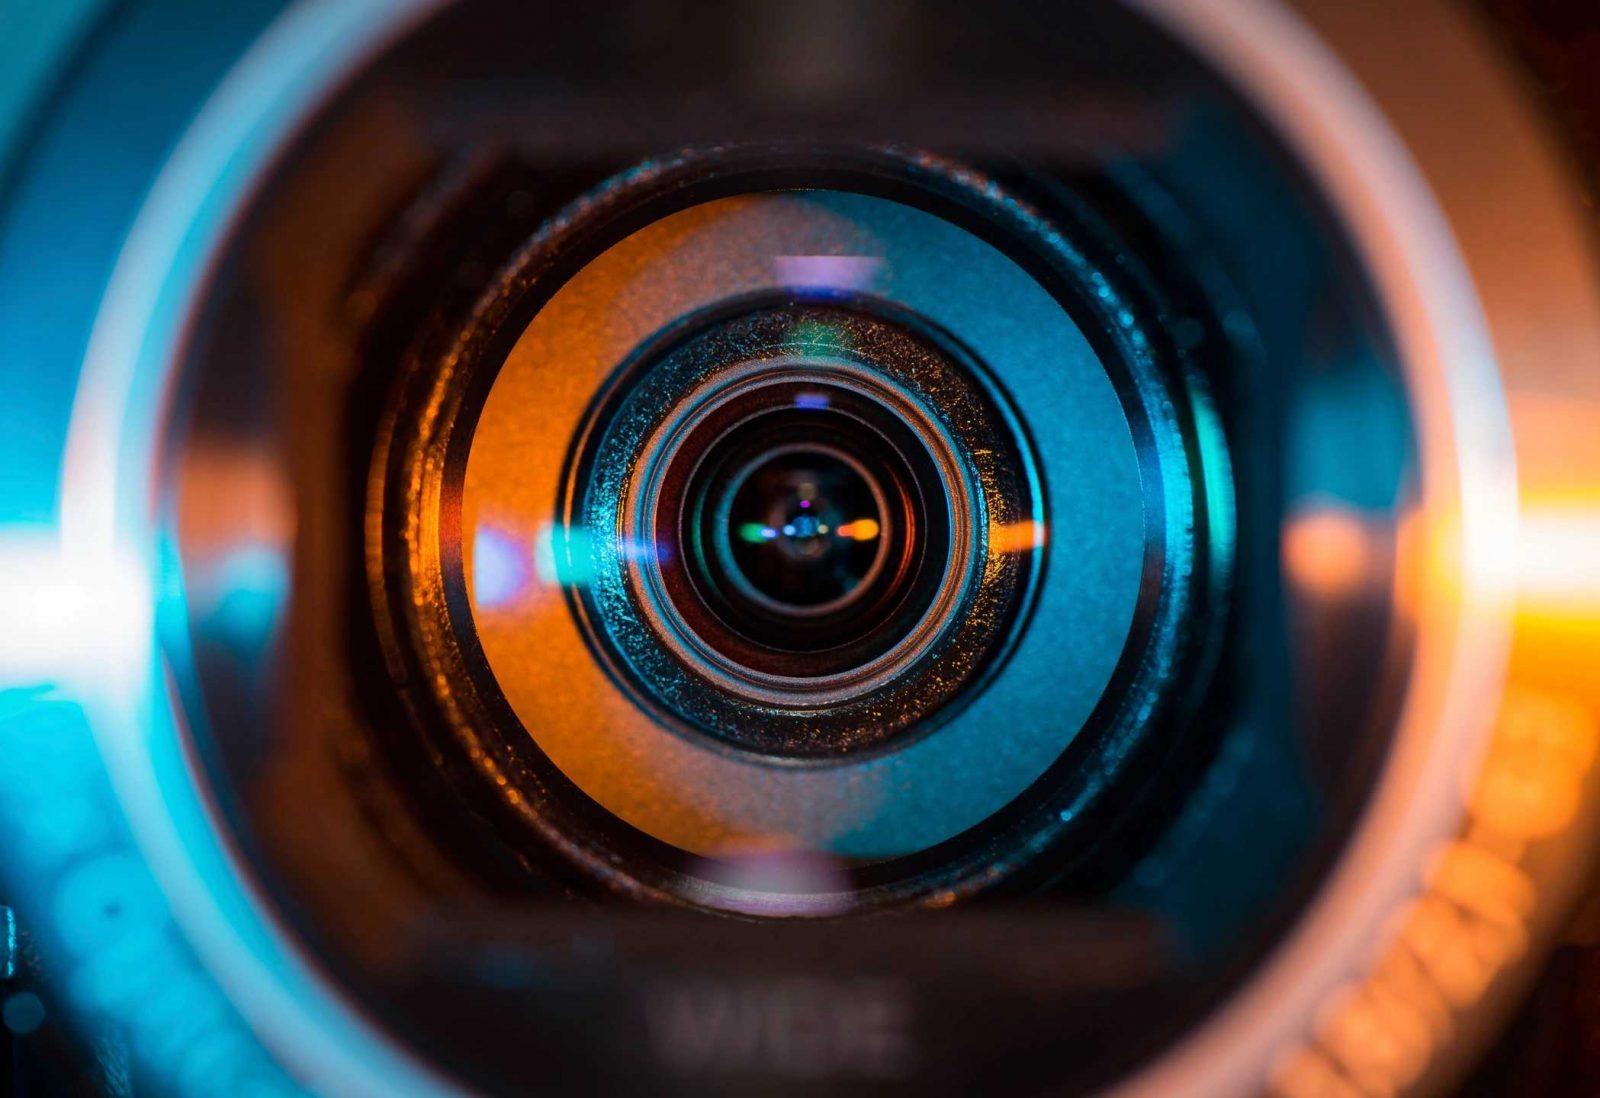 дороге объектив фотоаппарата с цветным стеклом этом